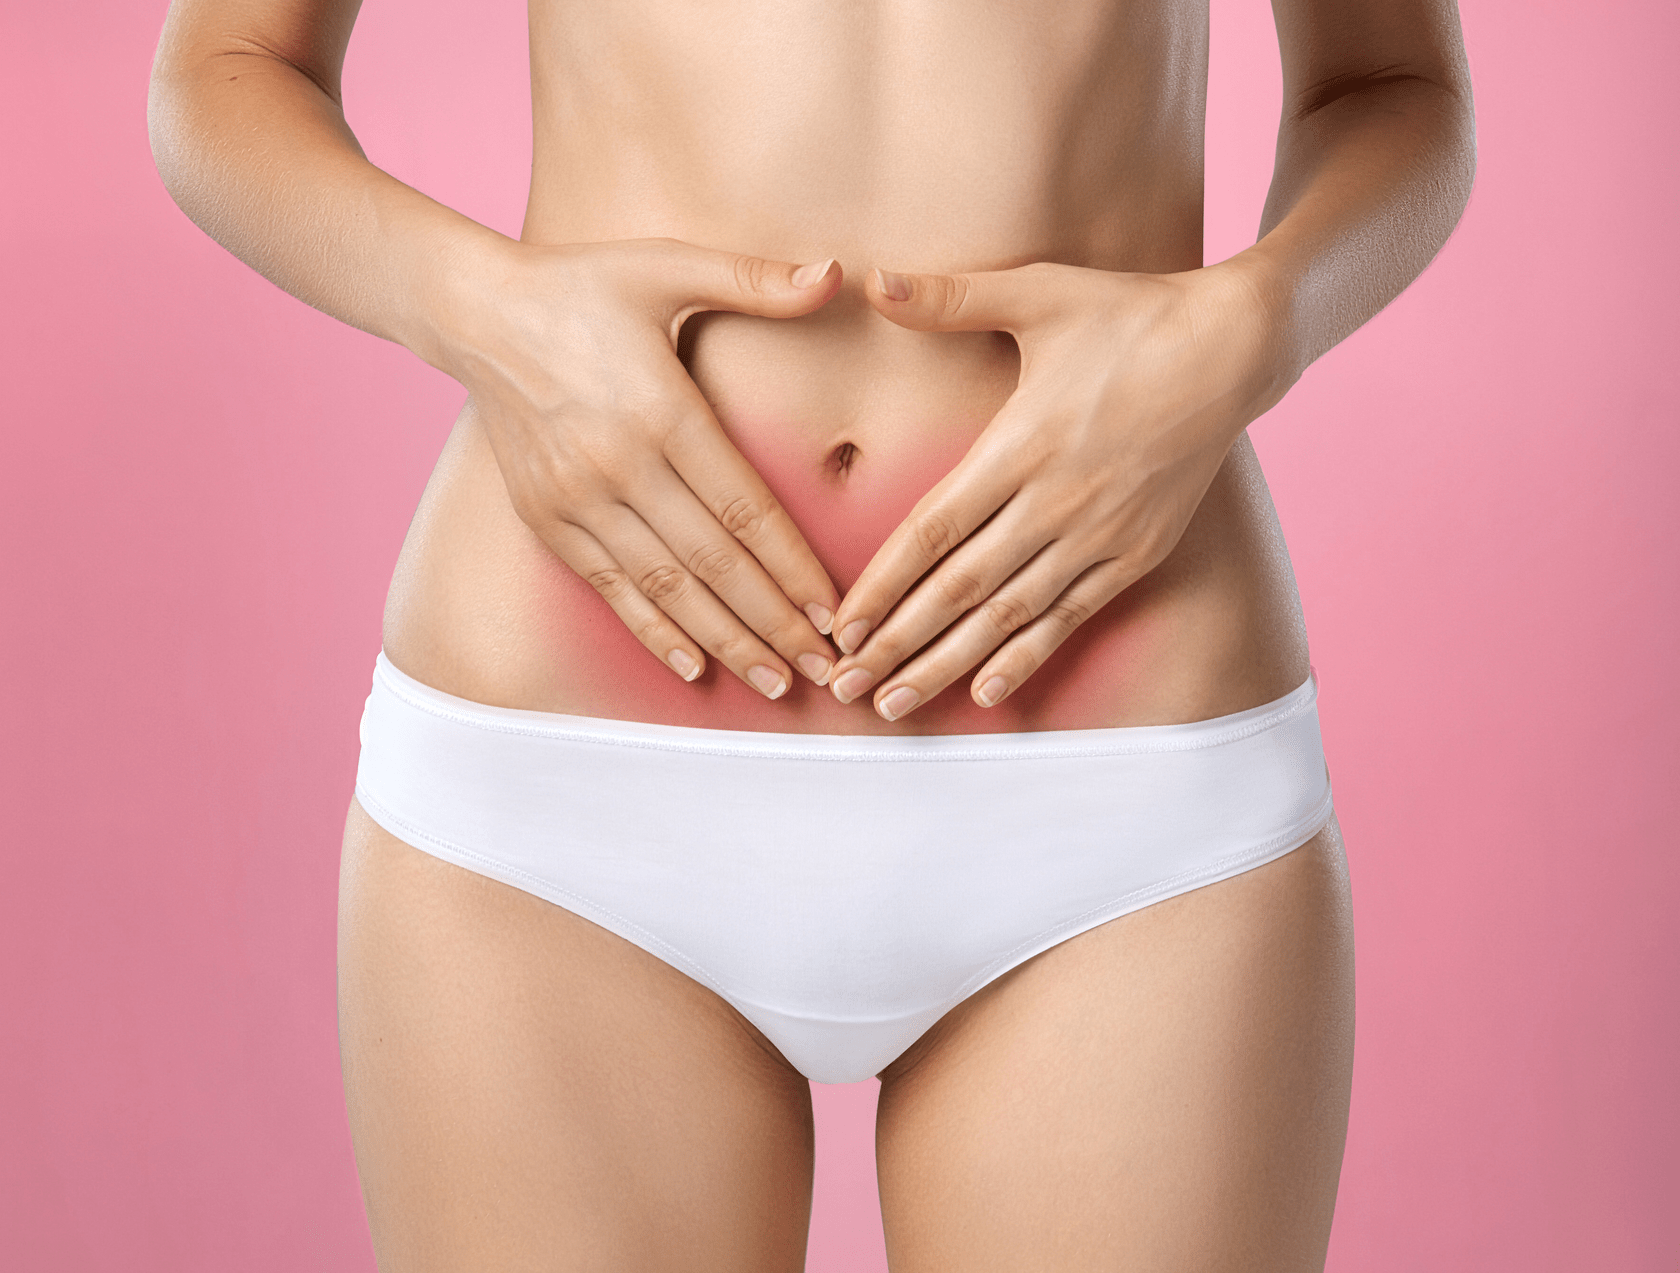 О чем говорят коричневые выделения со сгустками крови у женщин